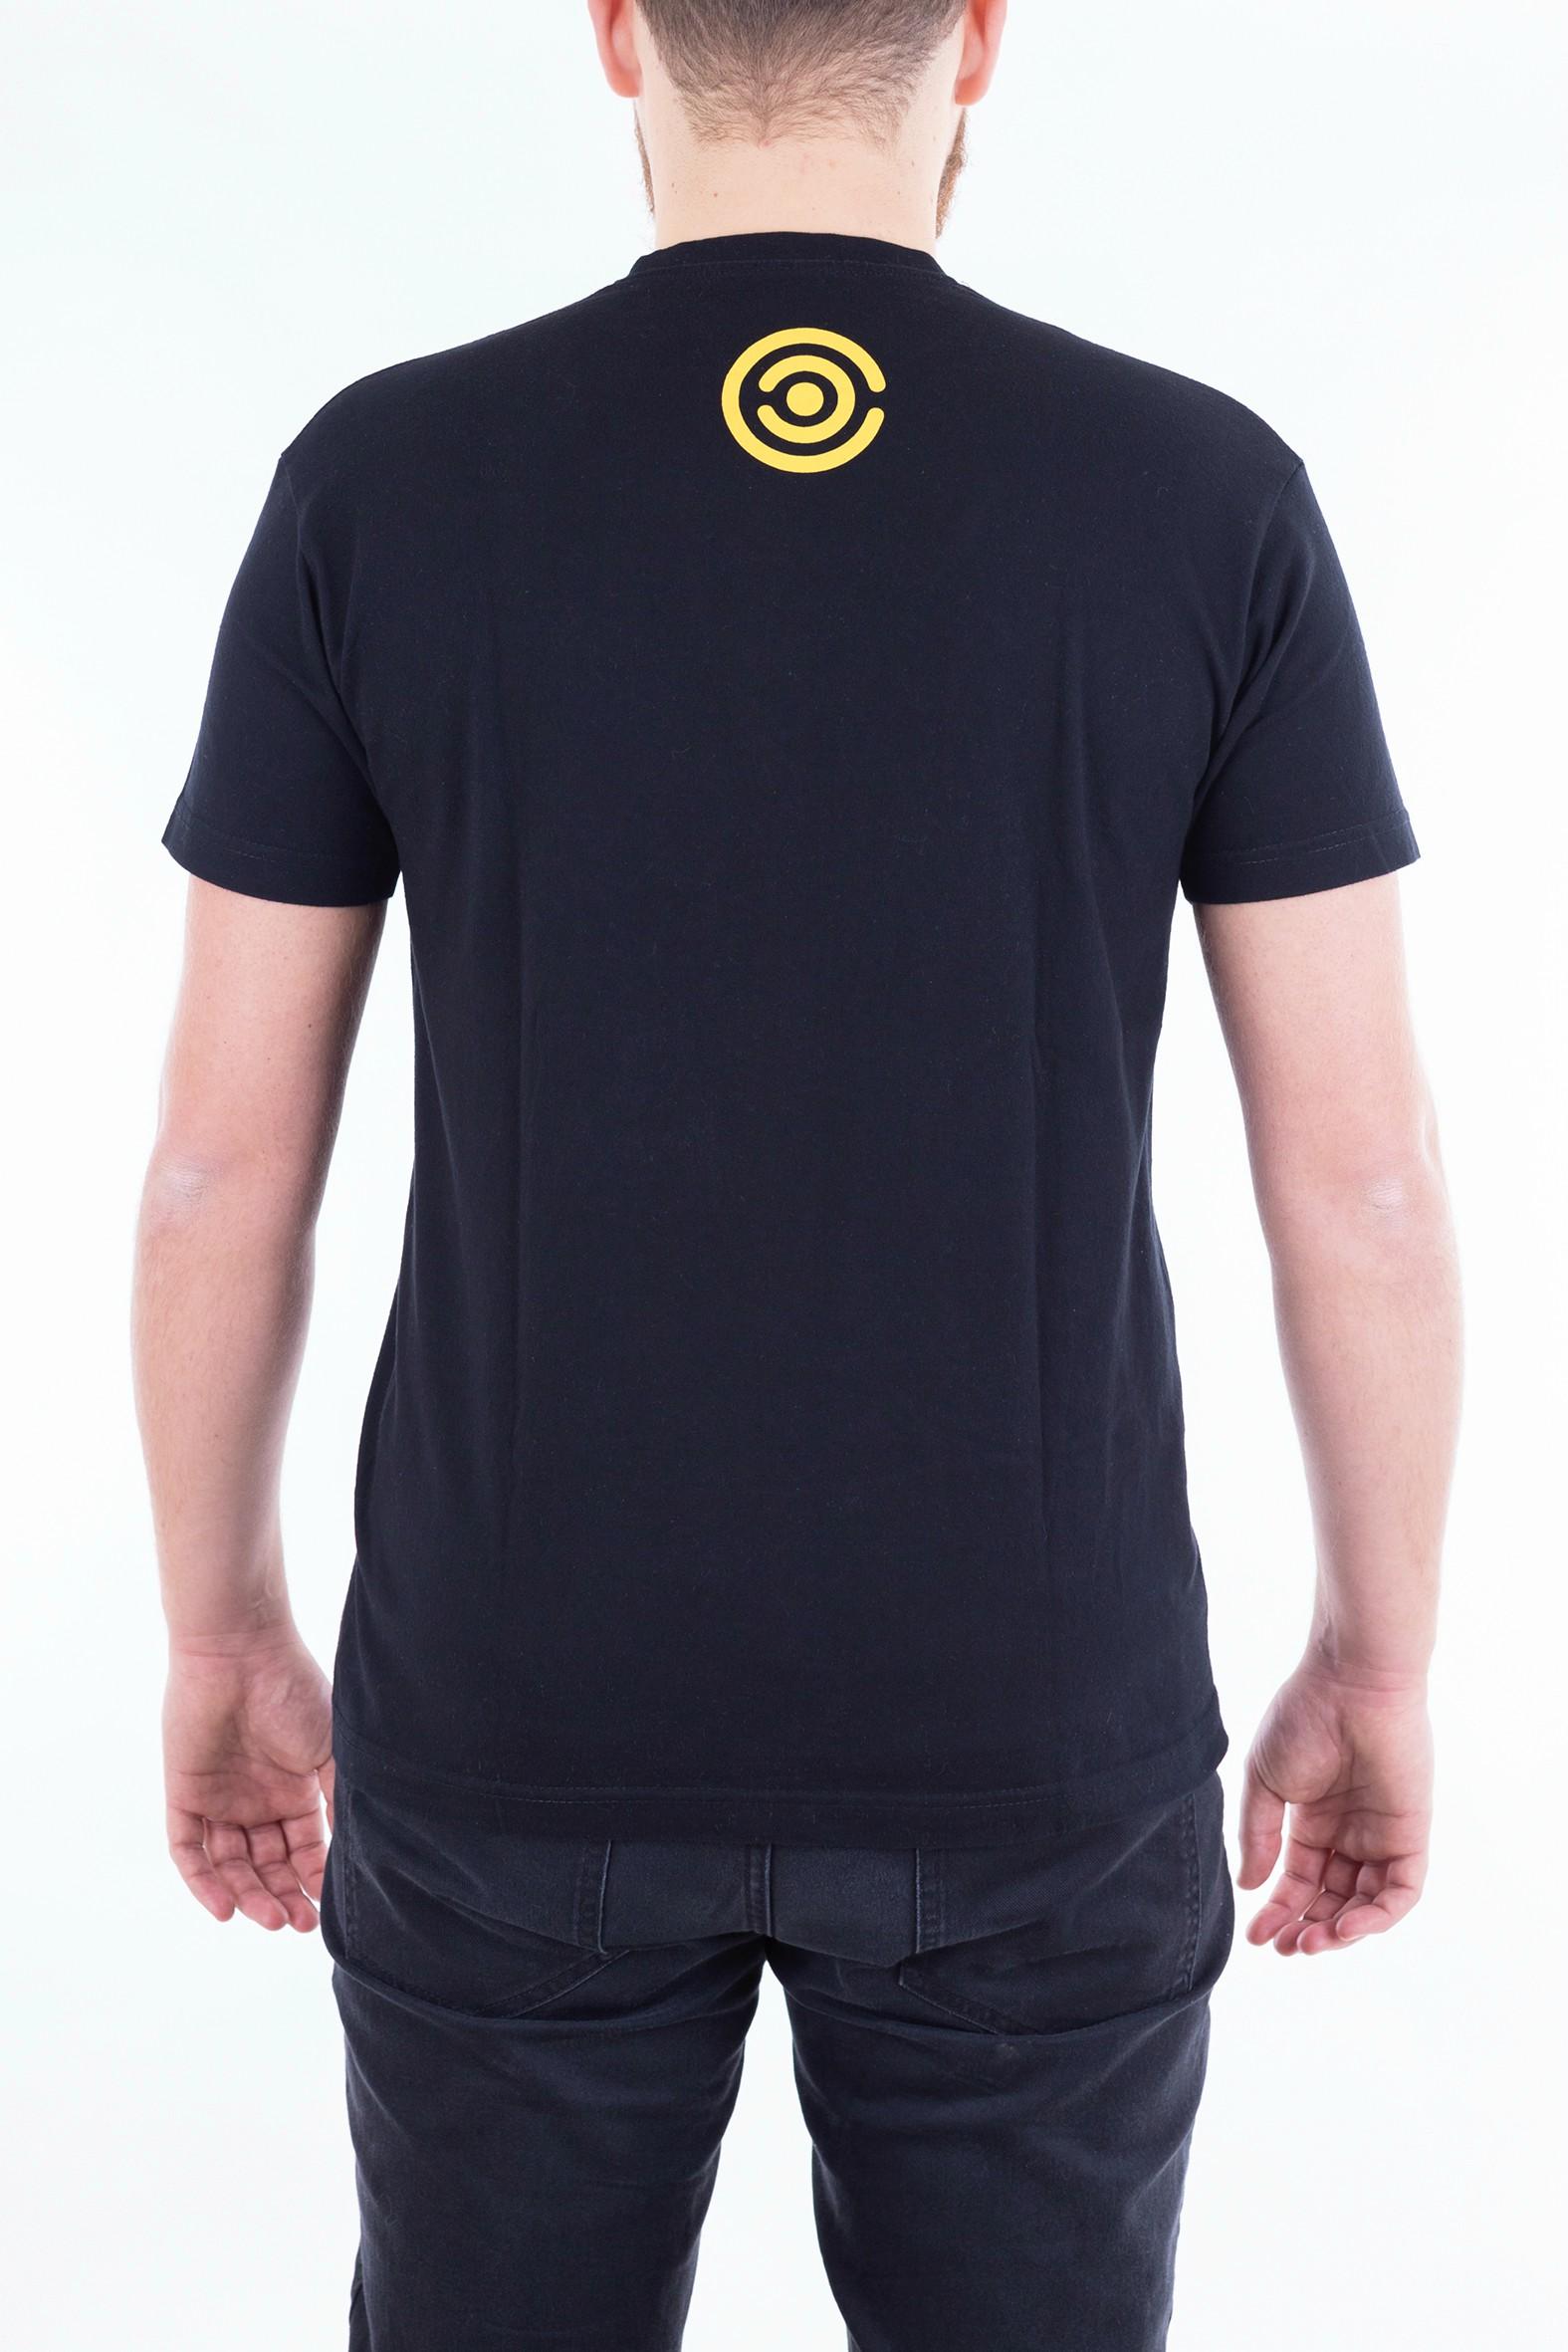 Pánské tričko Evoluce - žluté - 2